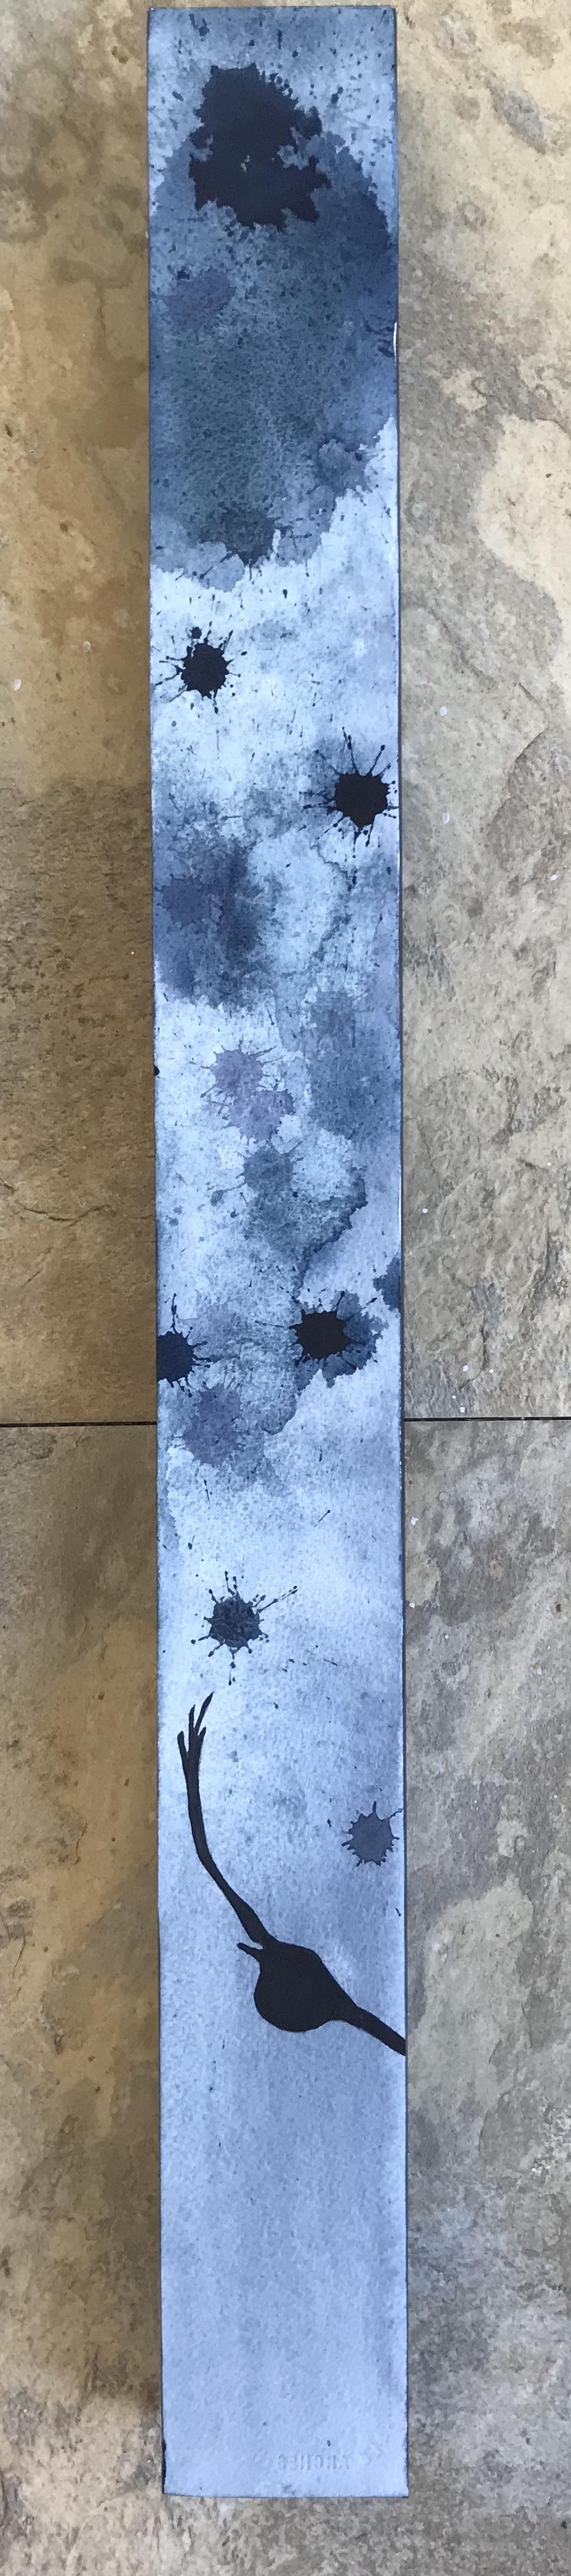 Rainbird   3x30